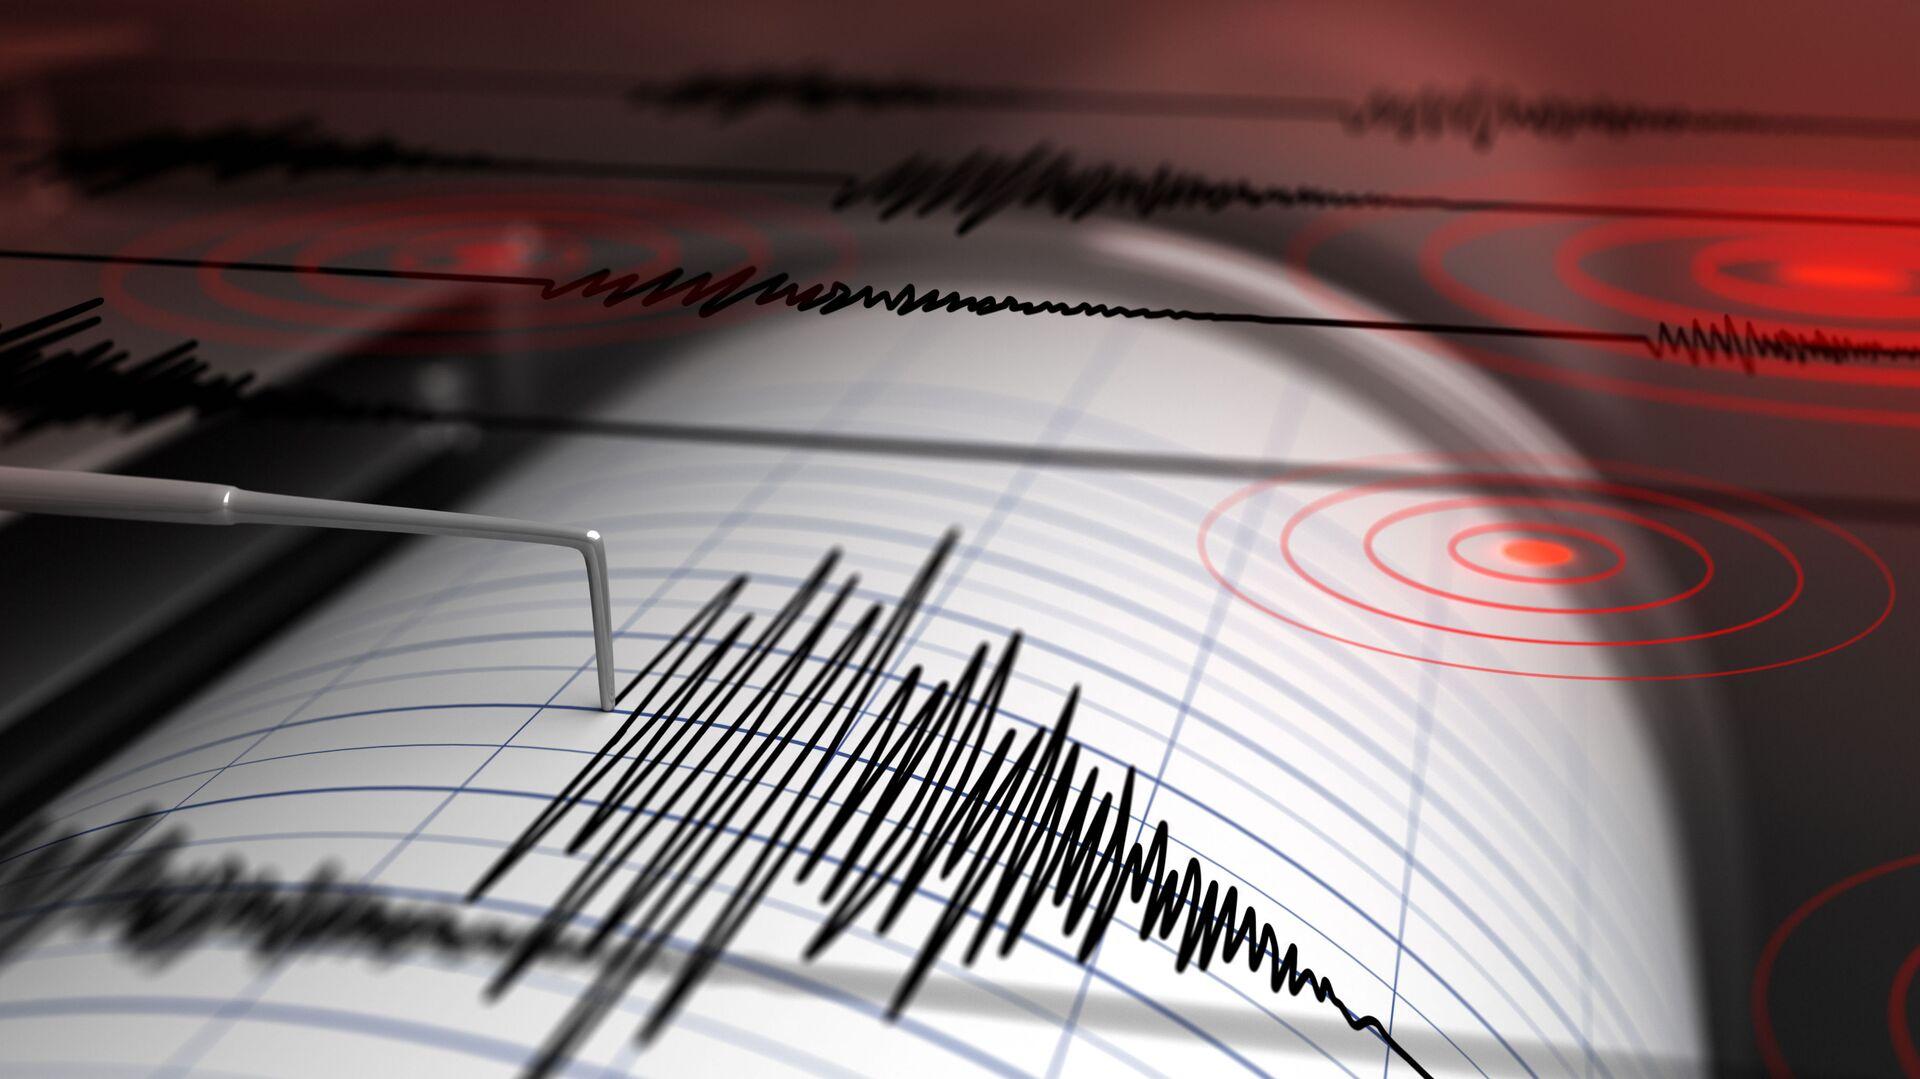 Sismografo registra un terremoto - Sputnik Italia, 1920, 08.09.2021